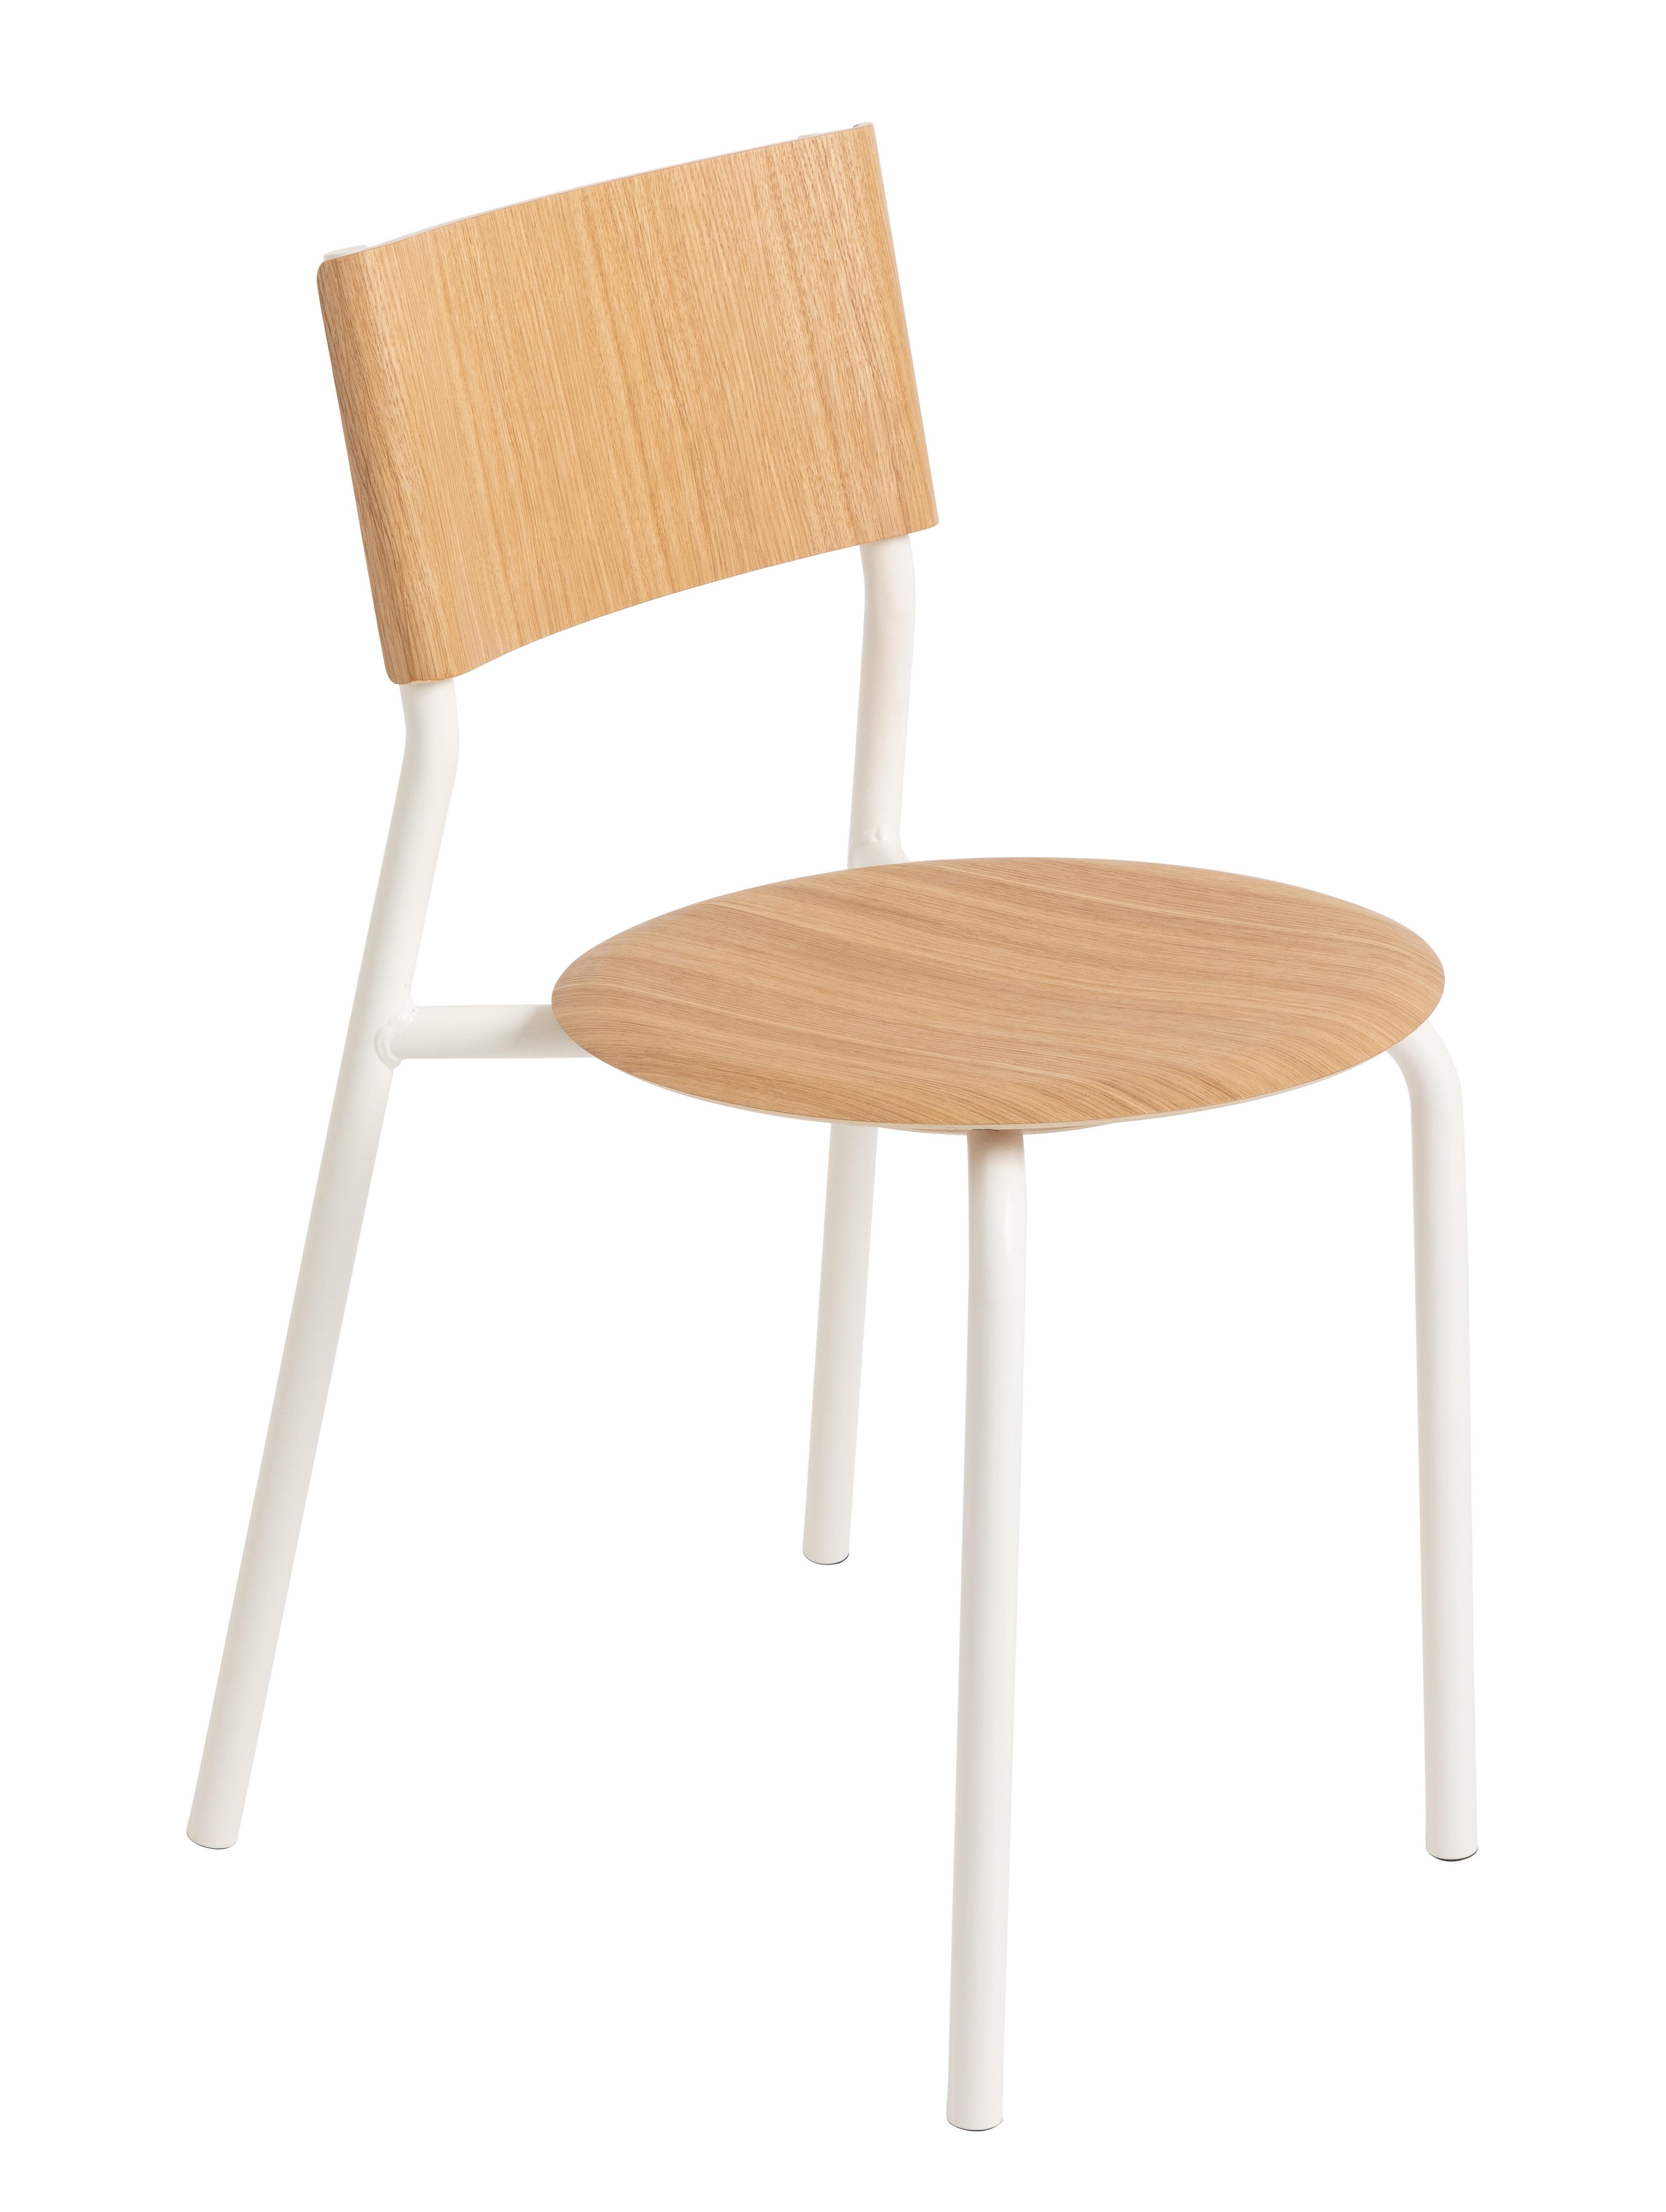 Mobilier - Chaises, fauteuils de salle à manger - Chaise empilable SSD / Chêne - TipToe - Chêne / Blanc Nuage - Acier thermolaqué, Chêne